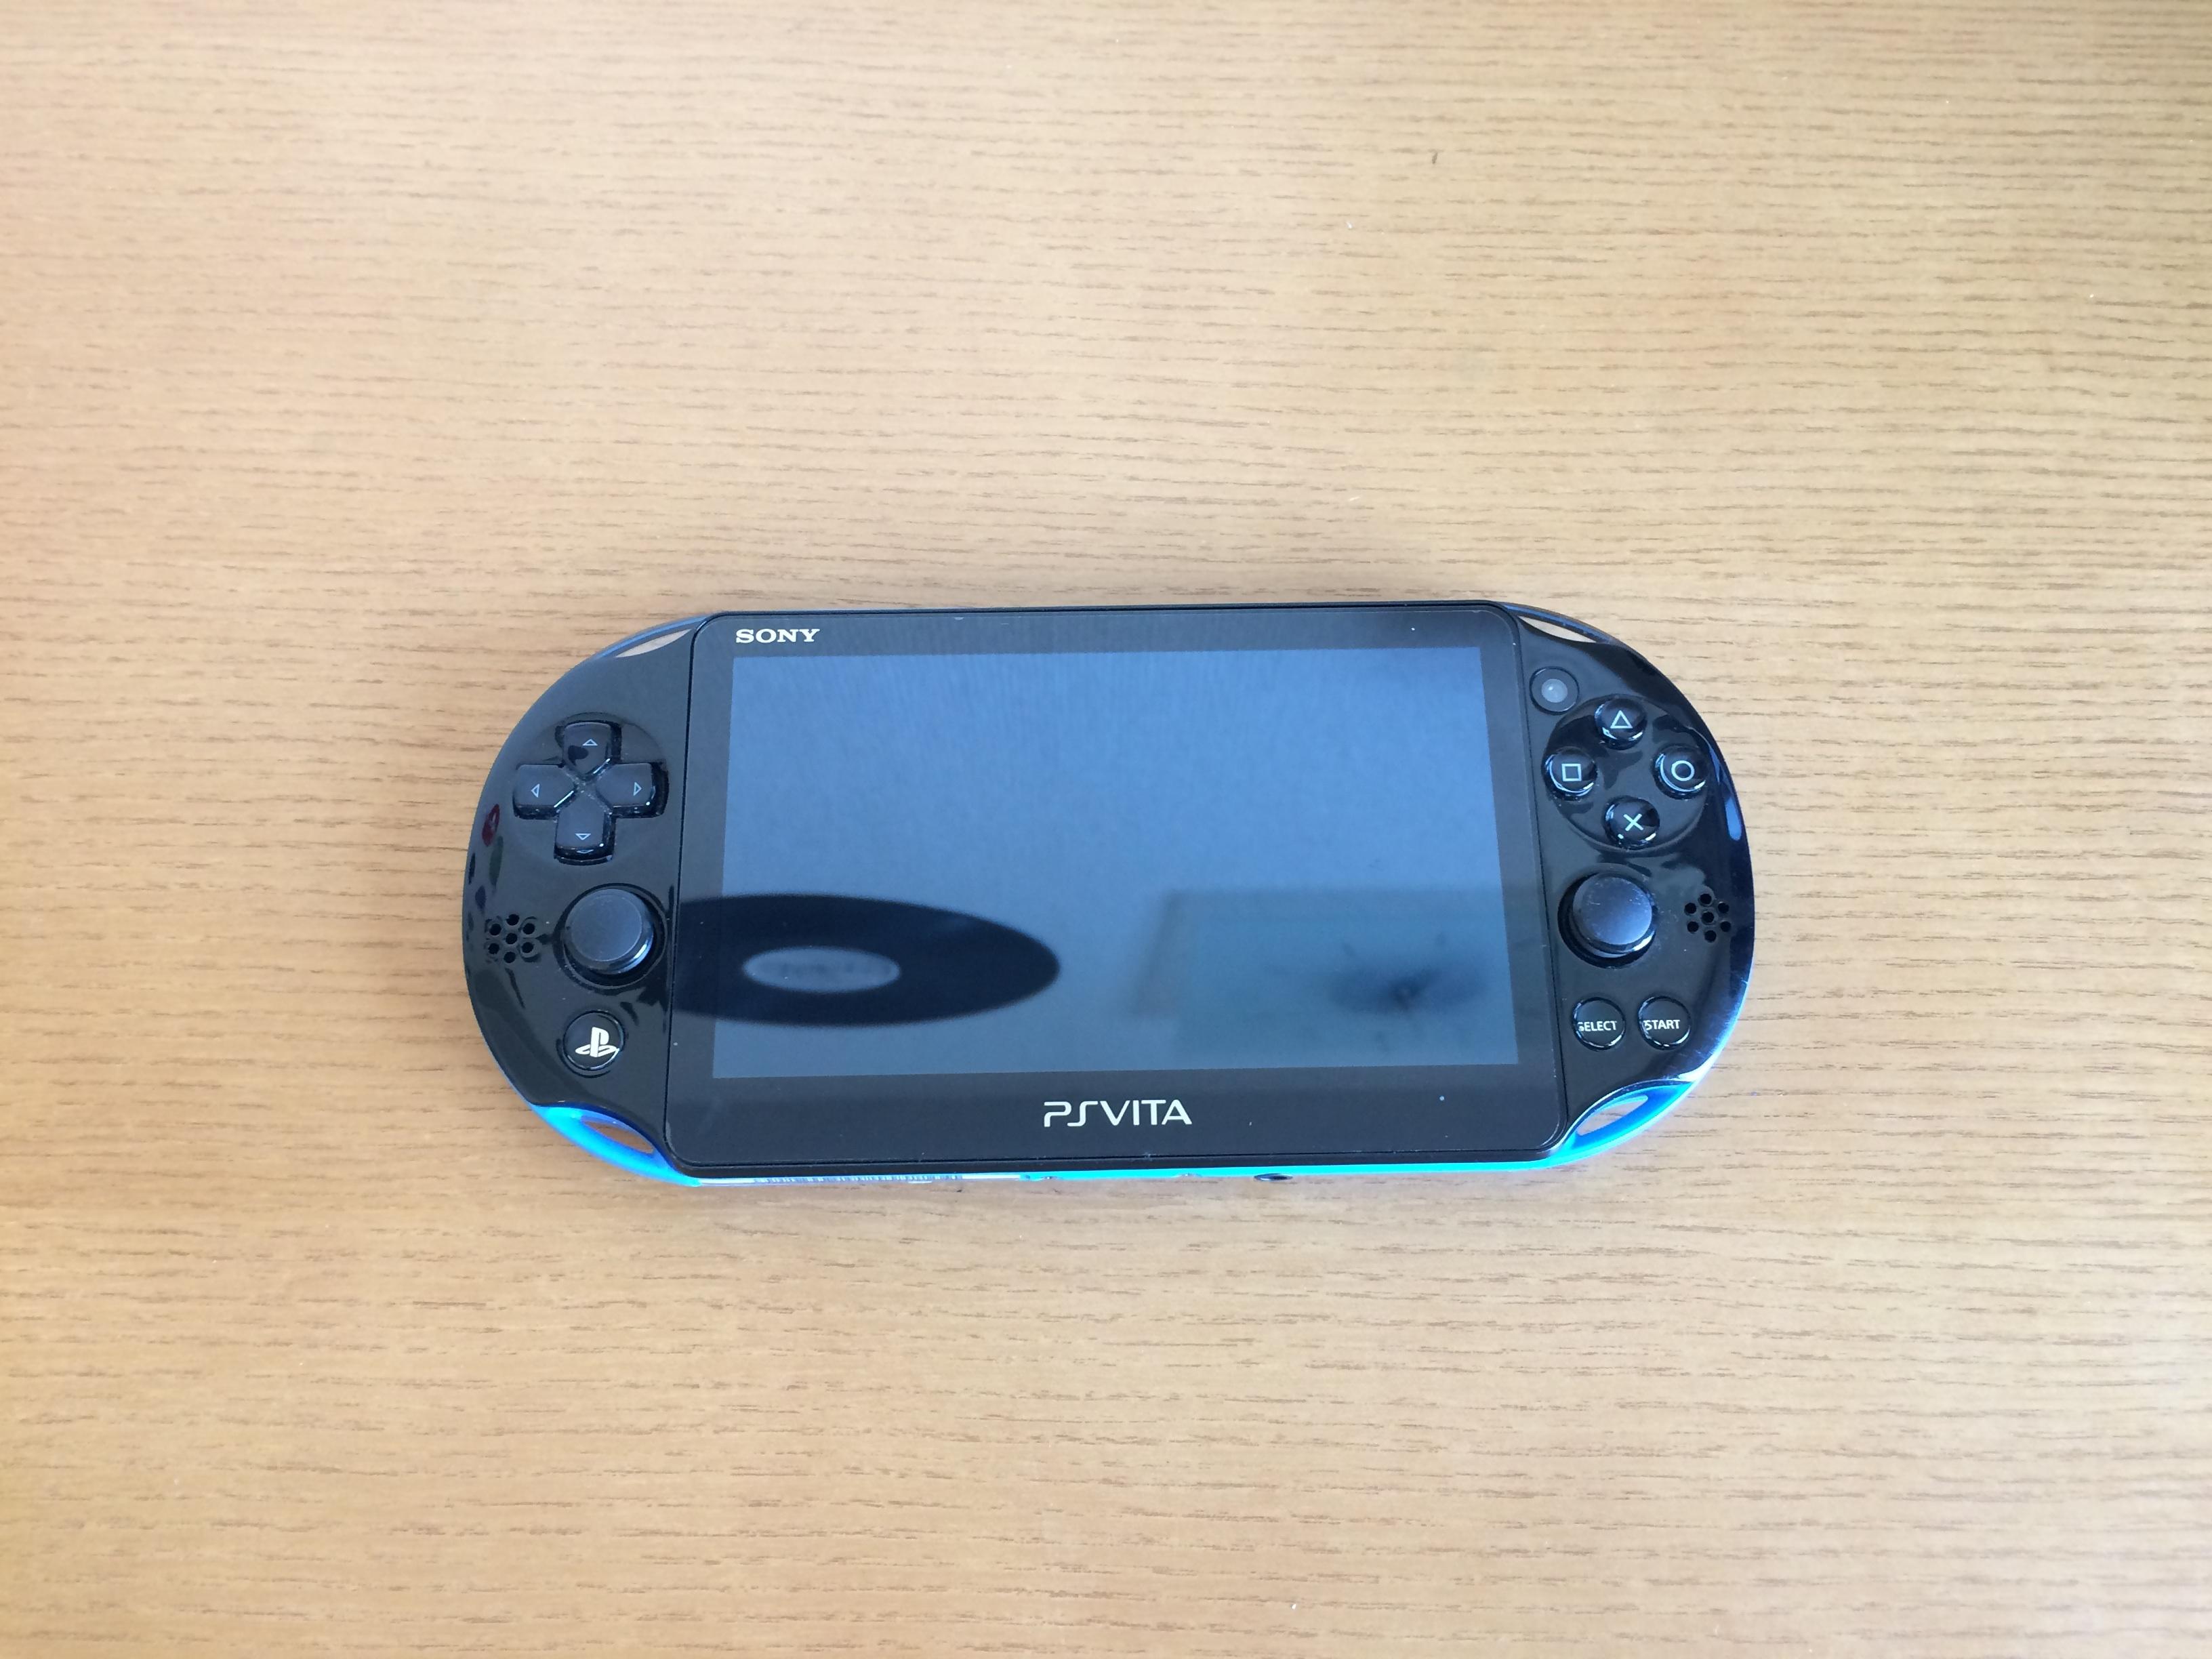 故障iphone・ipad・ipod・3DS・PSVITA買取 大阪 千里丘駅徒歩10分